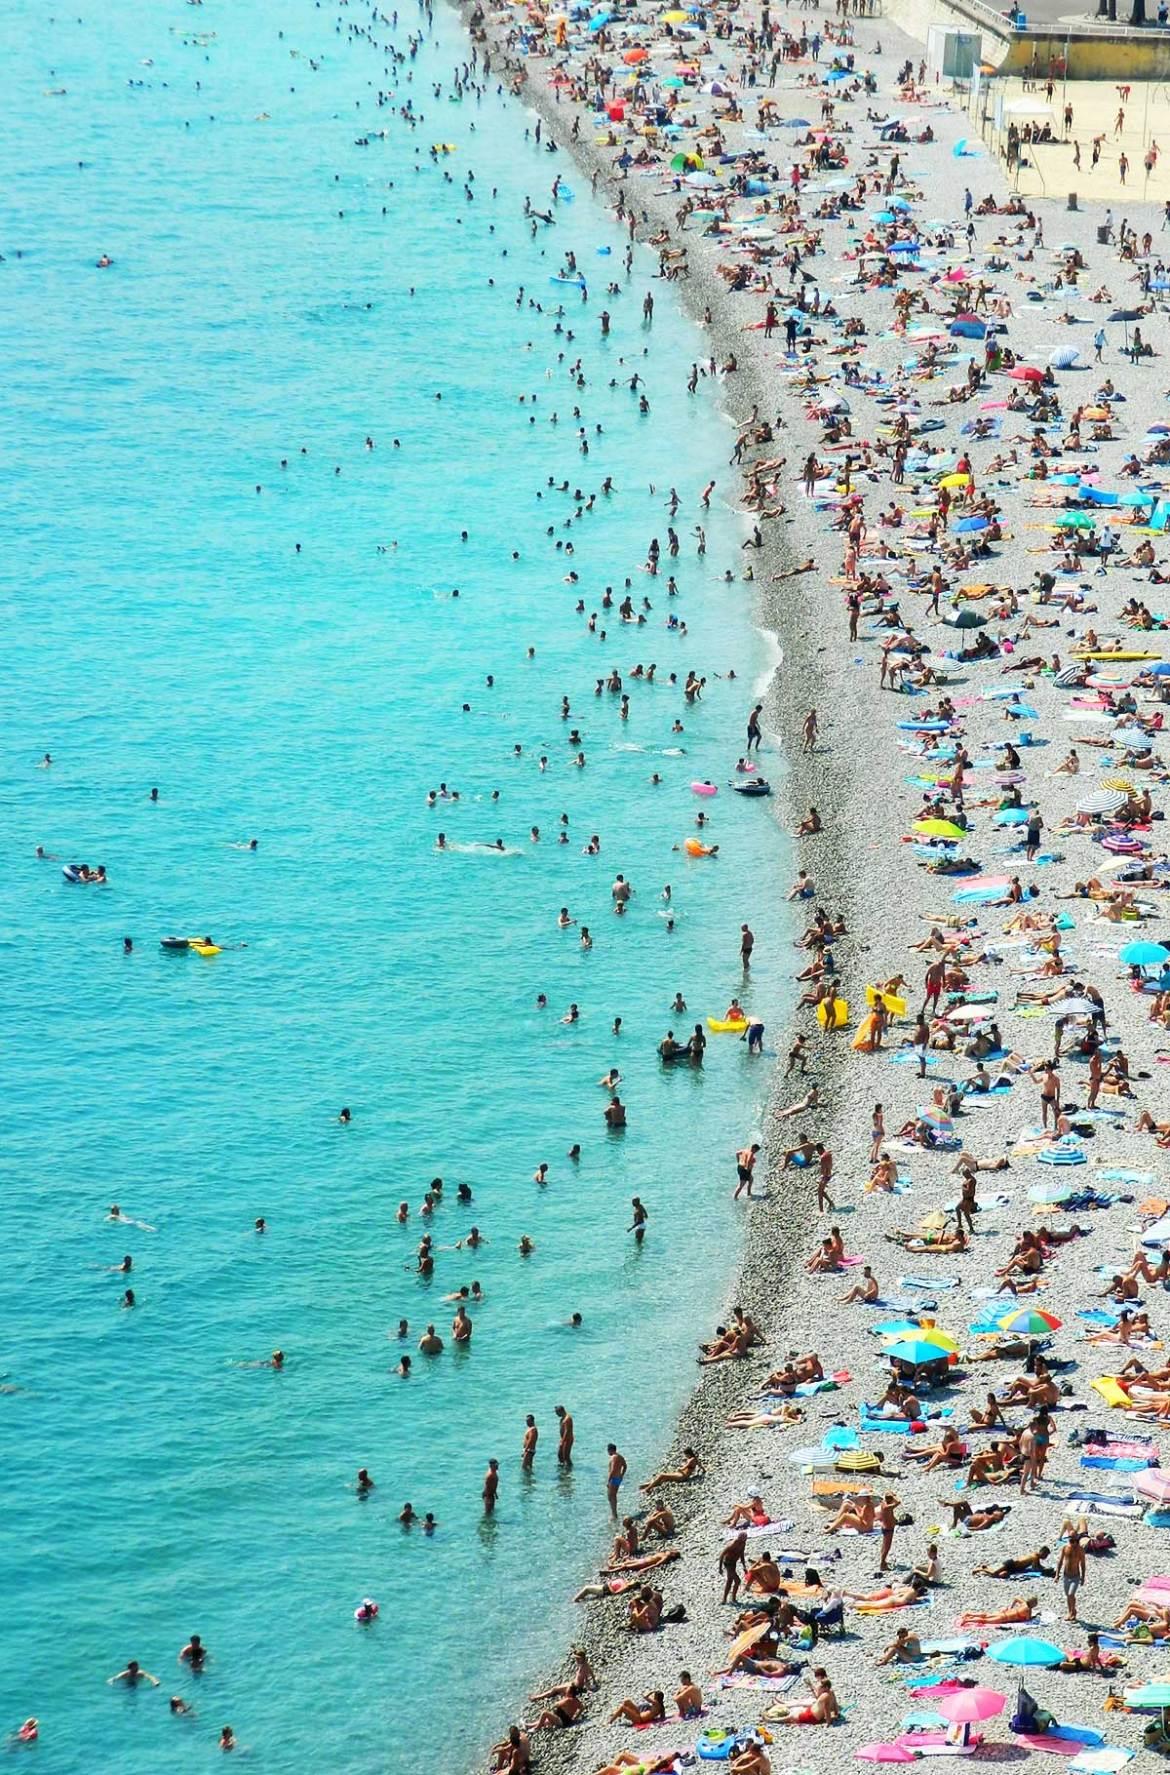 Fotos de viagem - Praia de Nice (França)